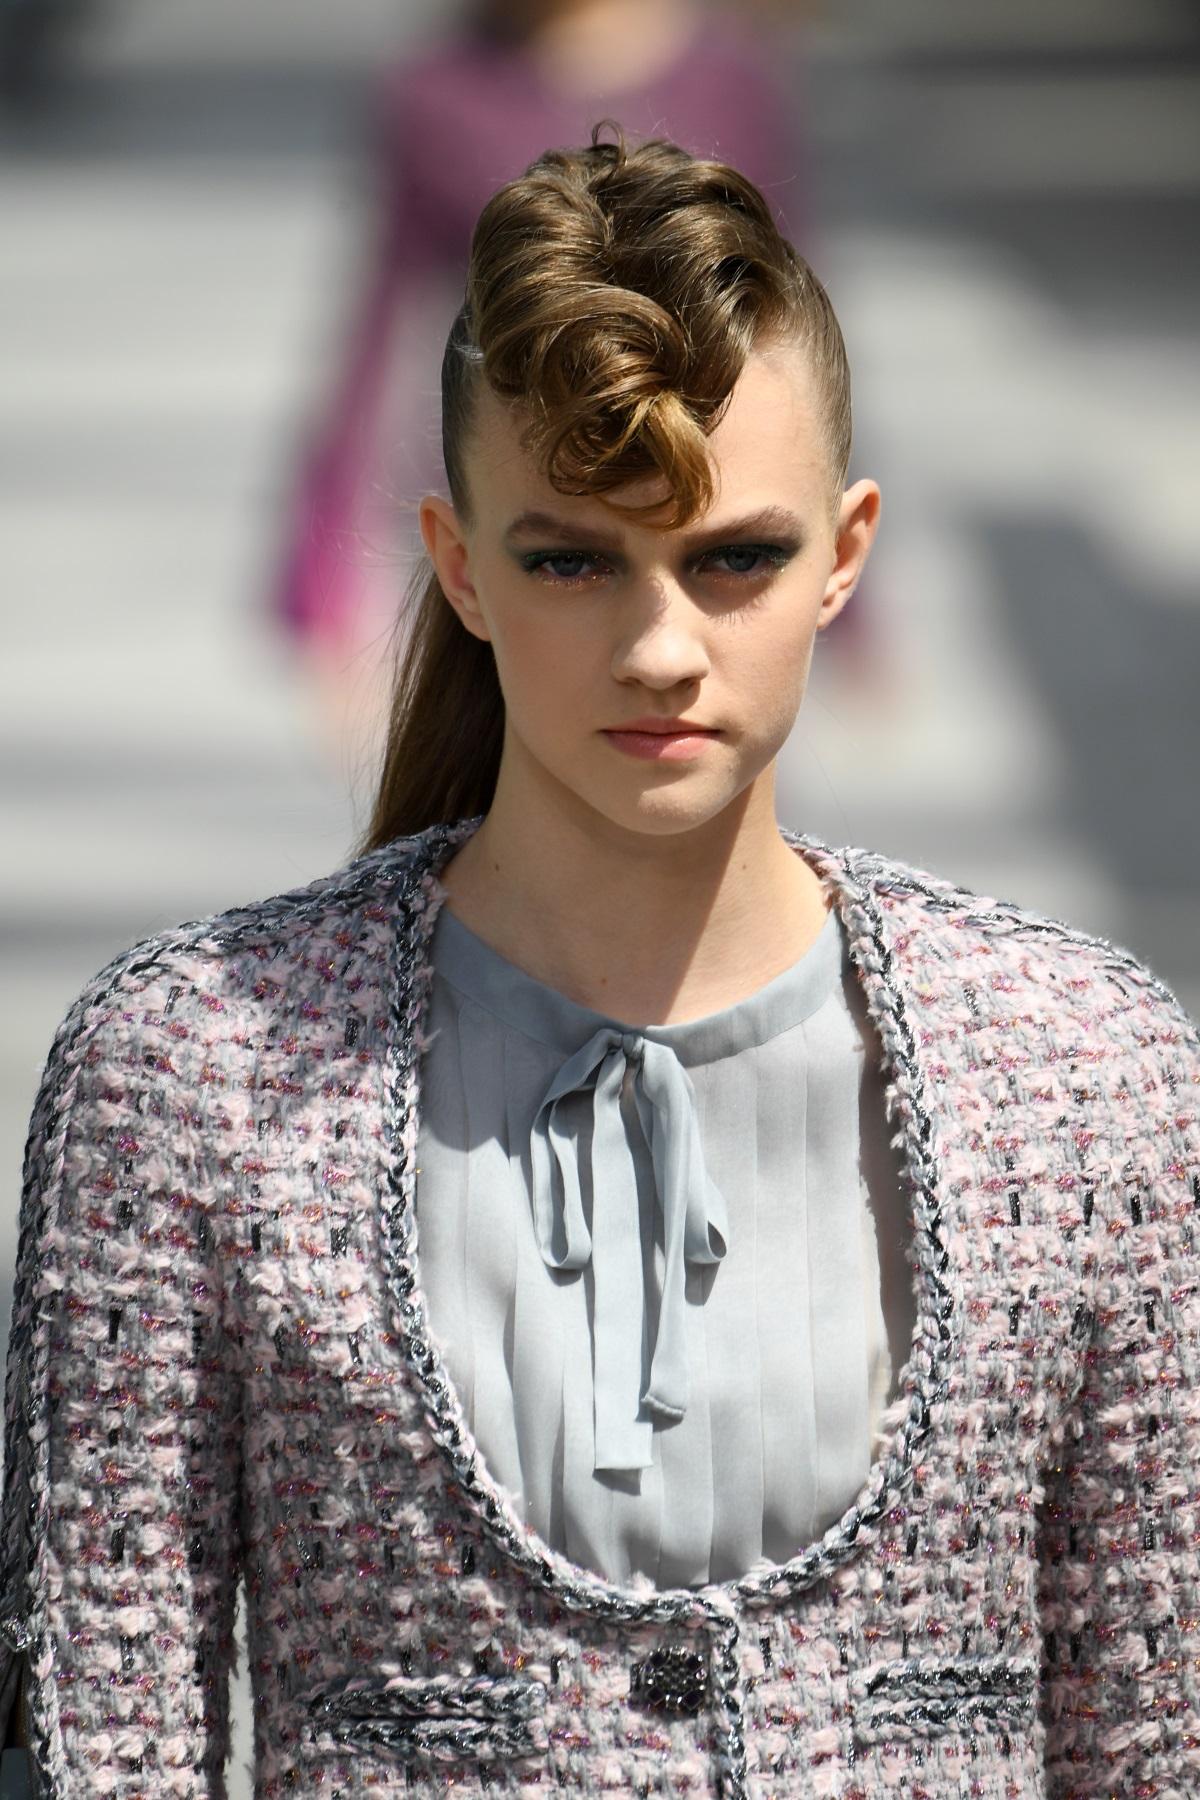 """""""Шанел"""" заложи на прибрани коси, вдигнати на опашка, но не липсваше интересен завършек на прическата. Стилът на моделите е вдъхновен от рокендрол и пънк вълната."""